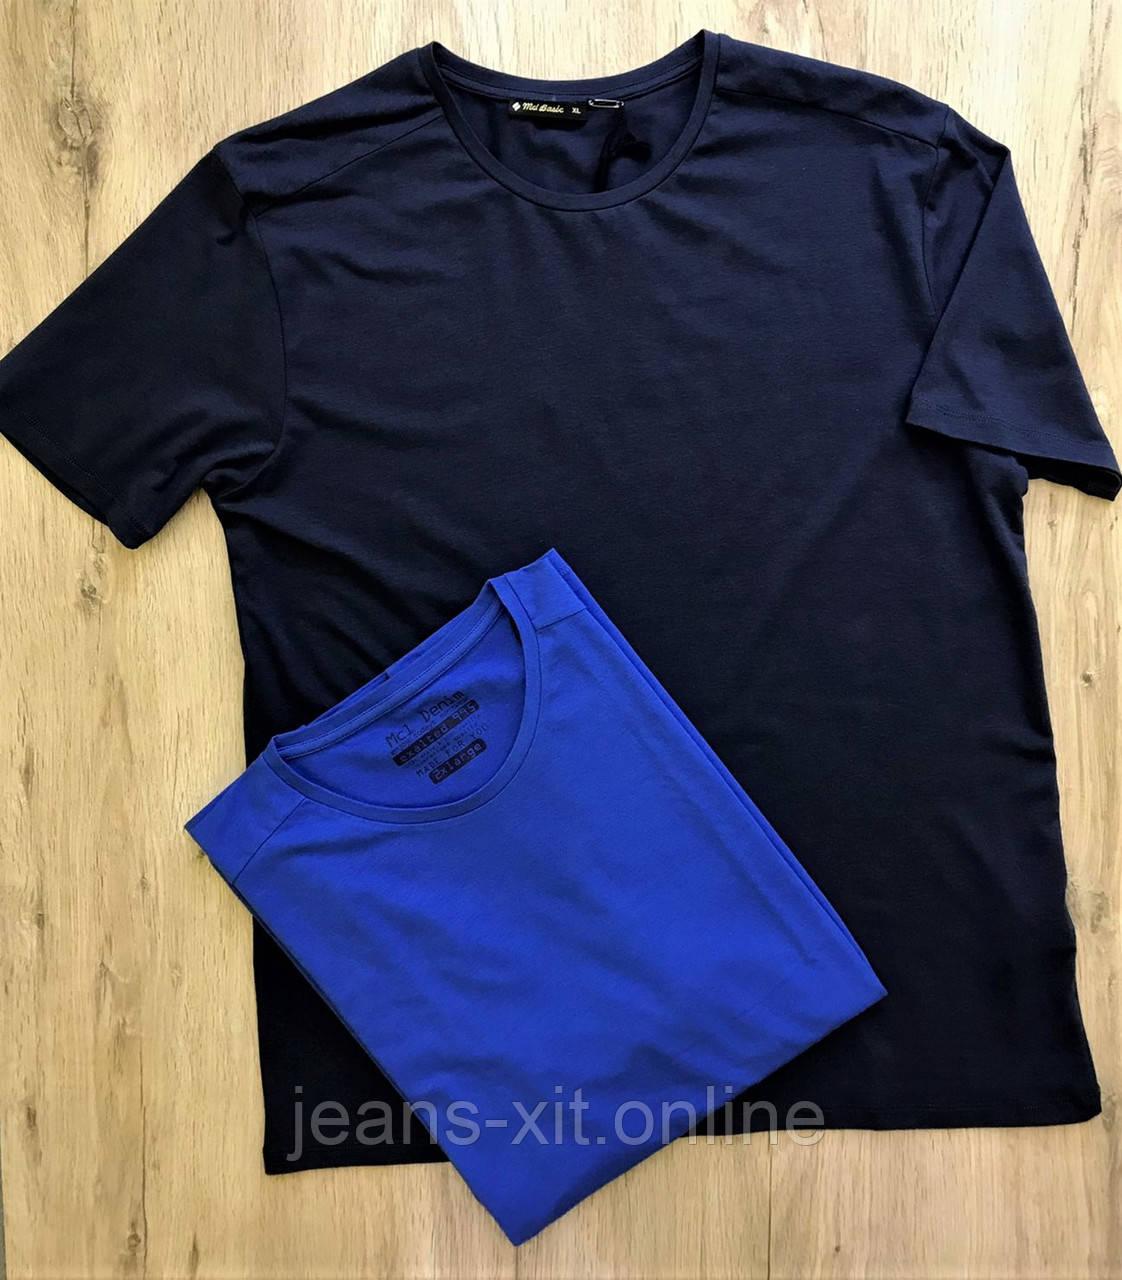 Футболка мужская 3XL(р) темно-синяя 22766 MCL Турция Лето-D